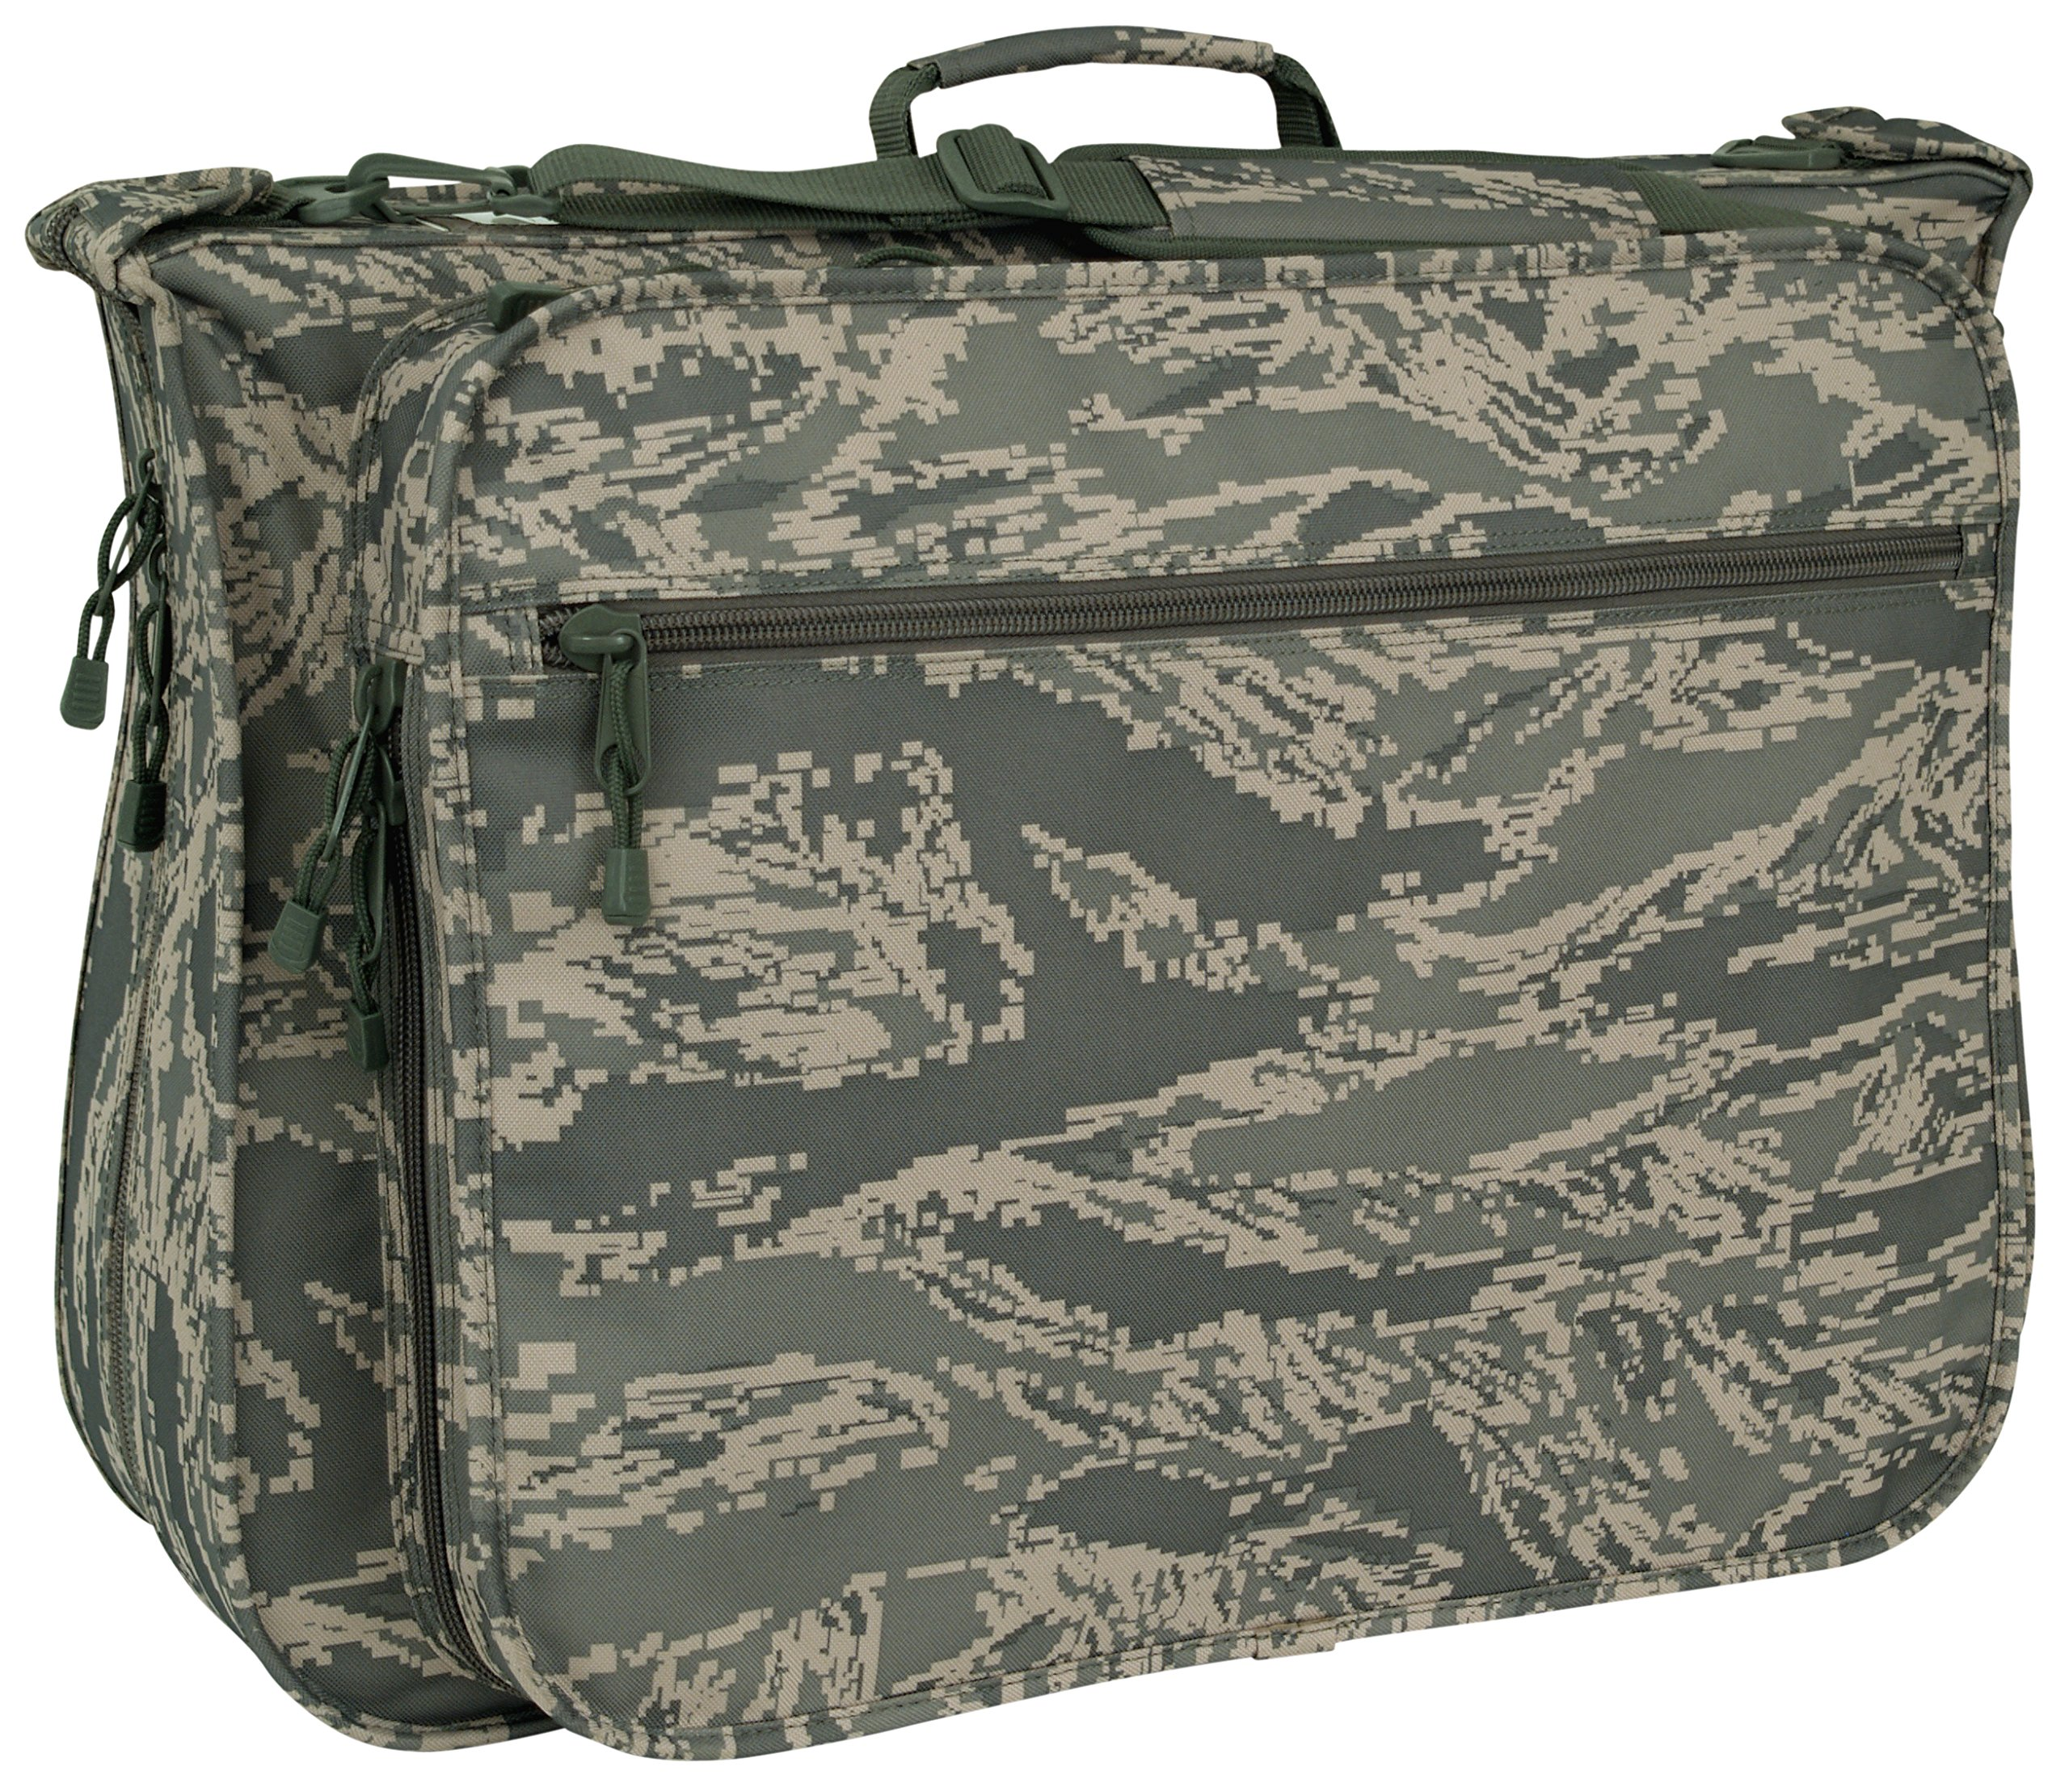 ABU Air Force B4 Gament Bag